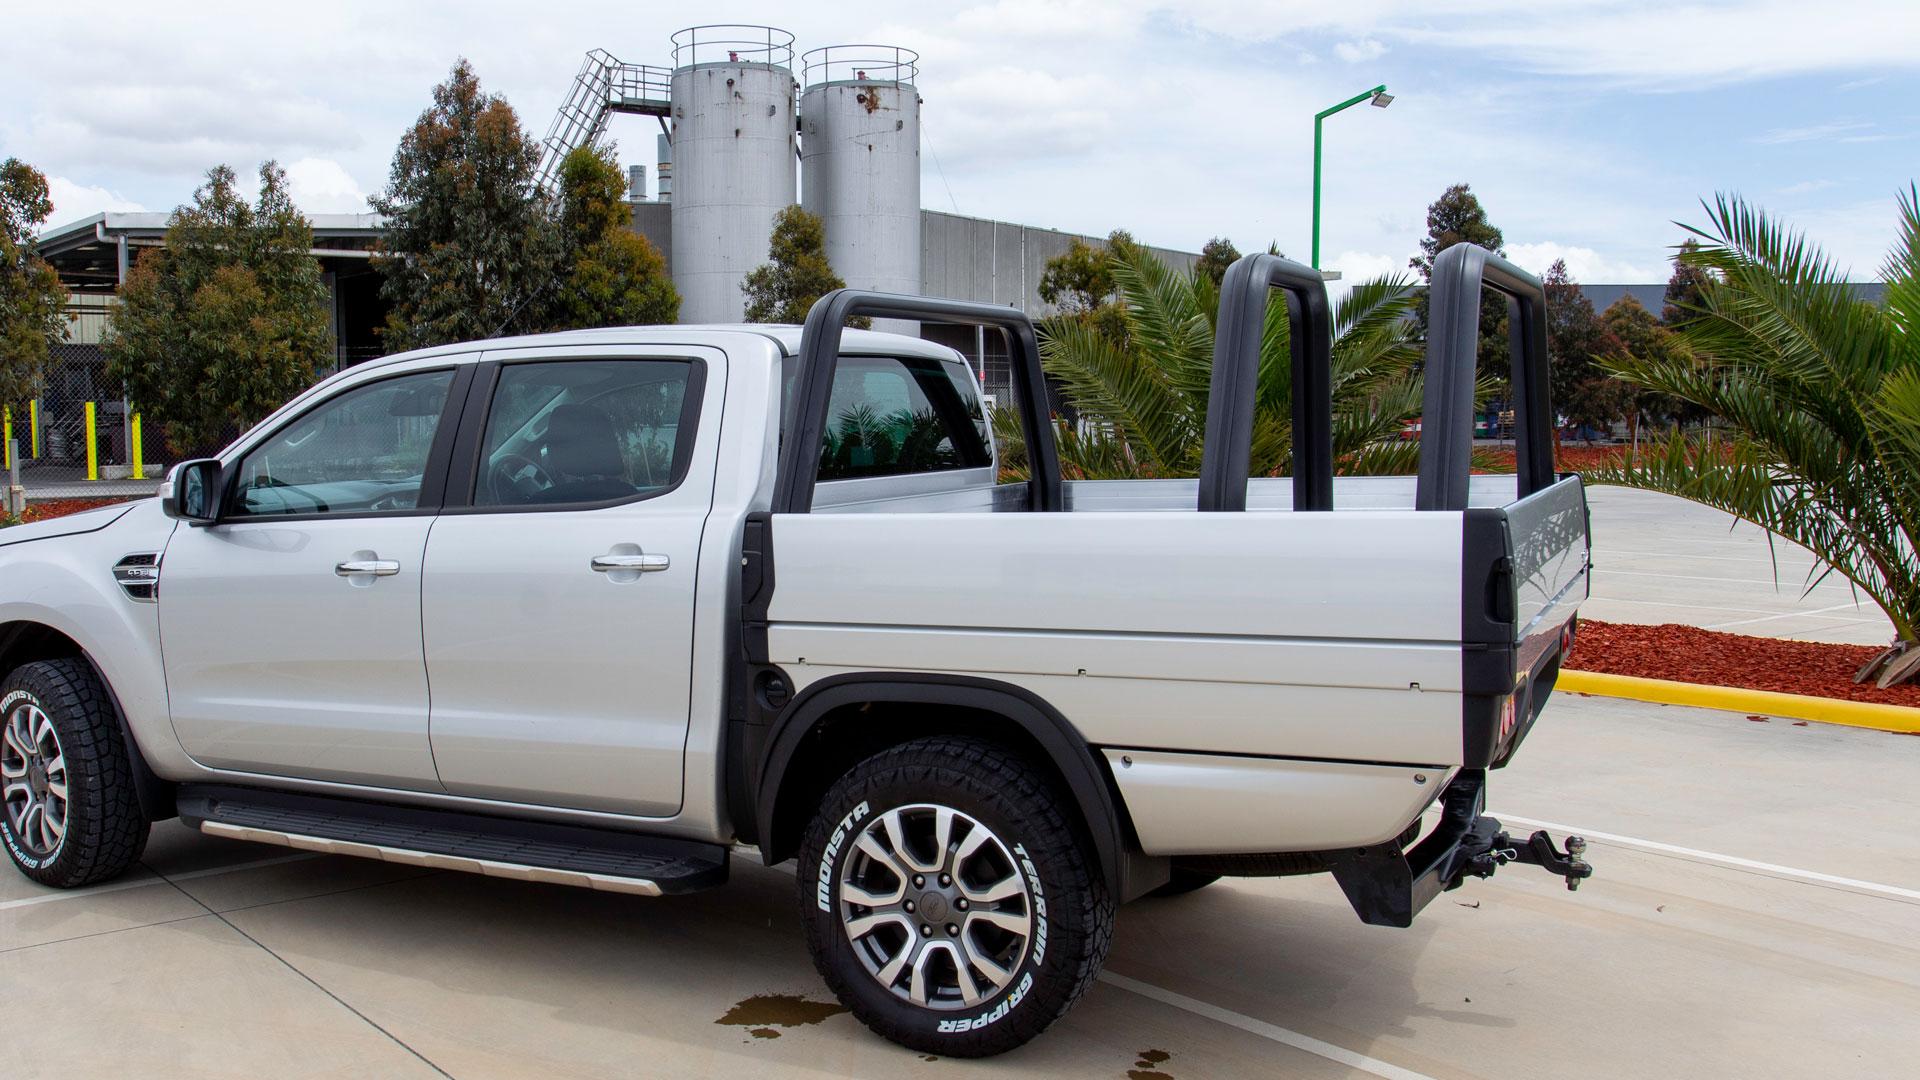 SUB alloyt tray on a grey Ford Ranger